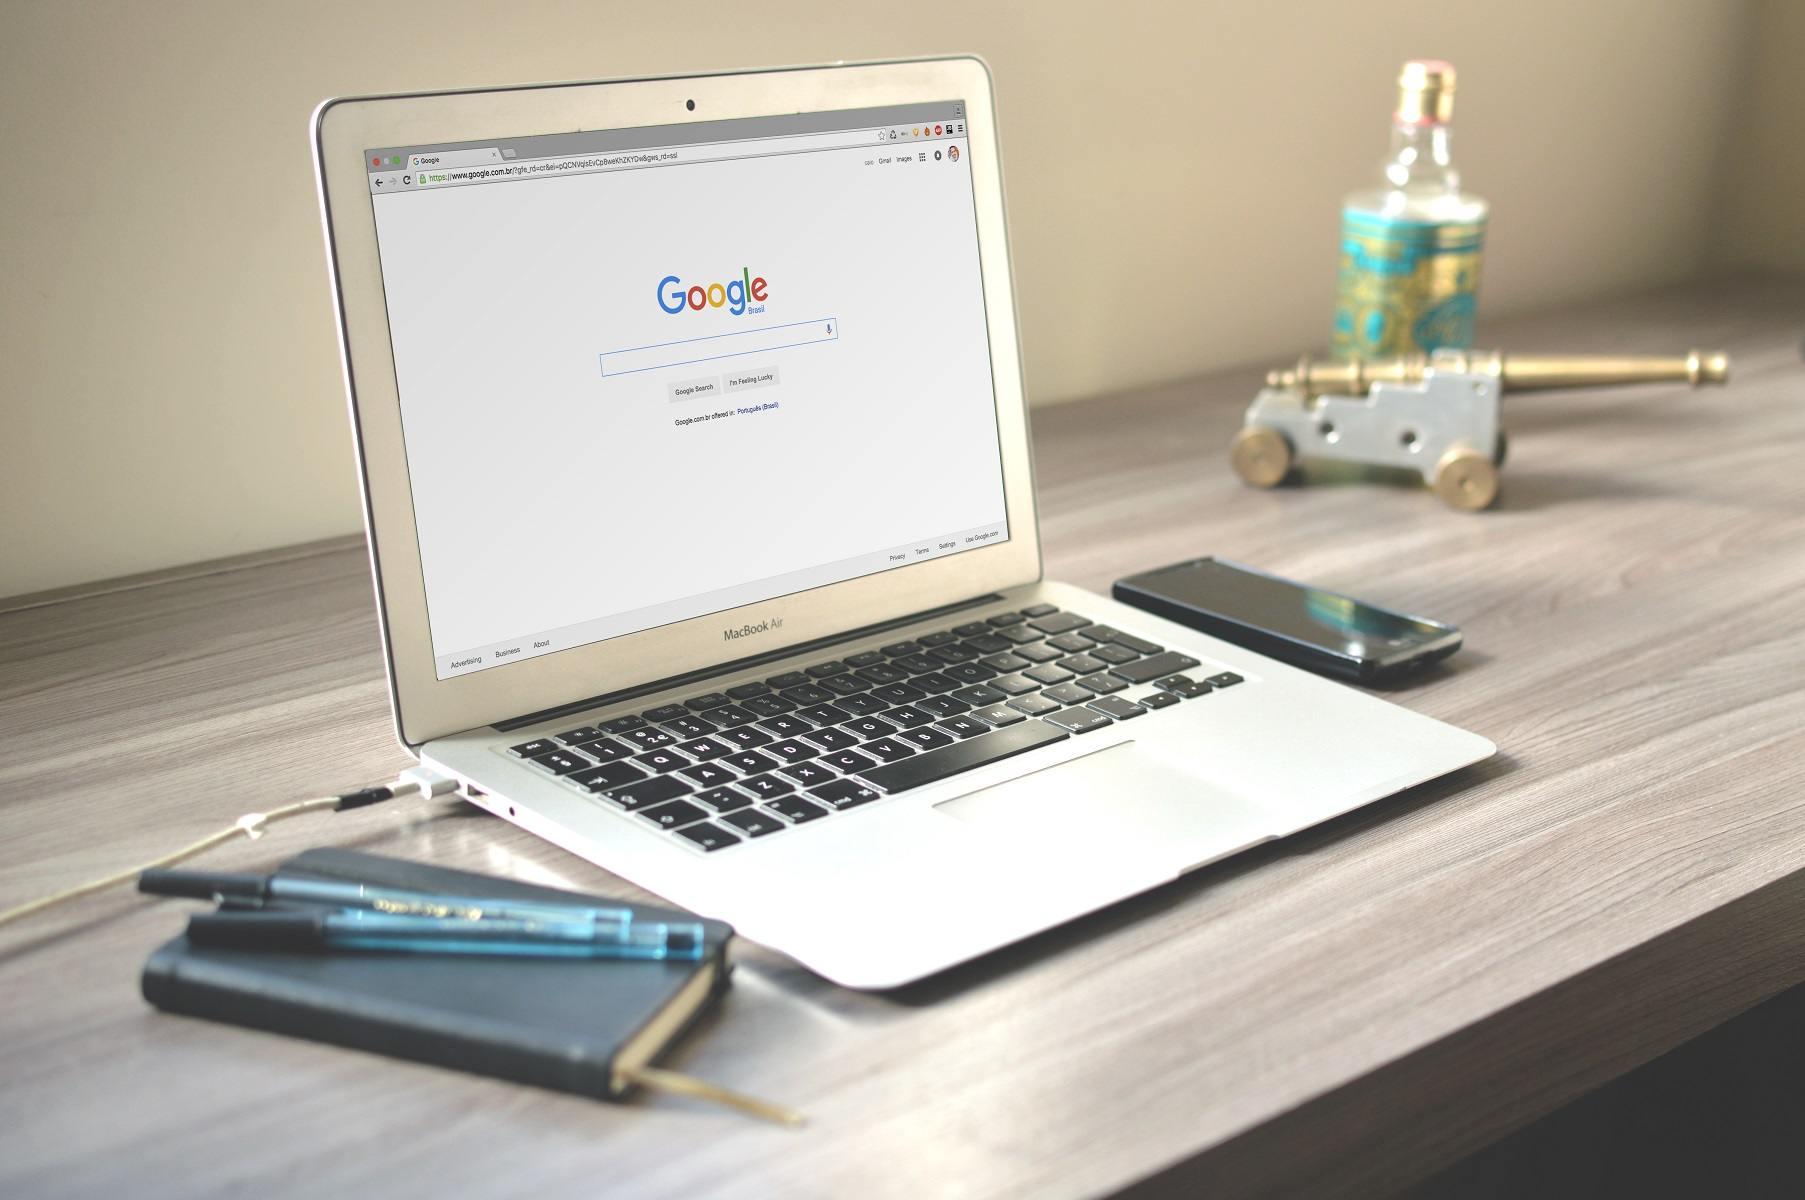 פרסום בגוגל מחשב נייד וסמארטפונים - חוק נגישות אתרים